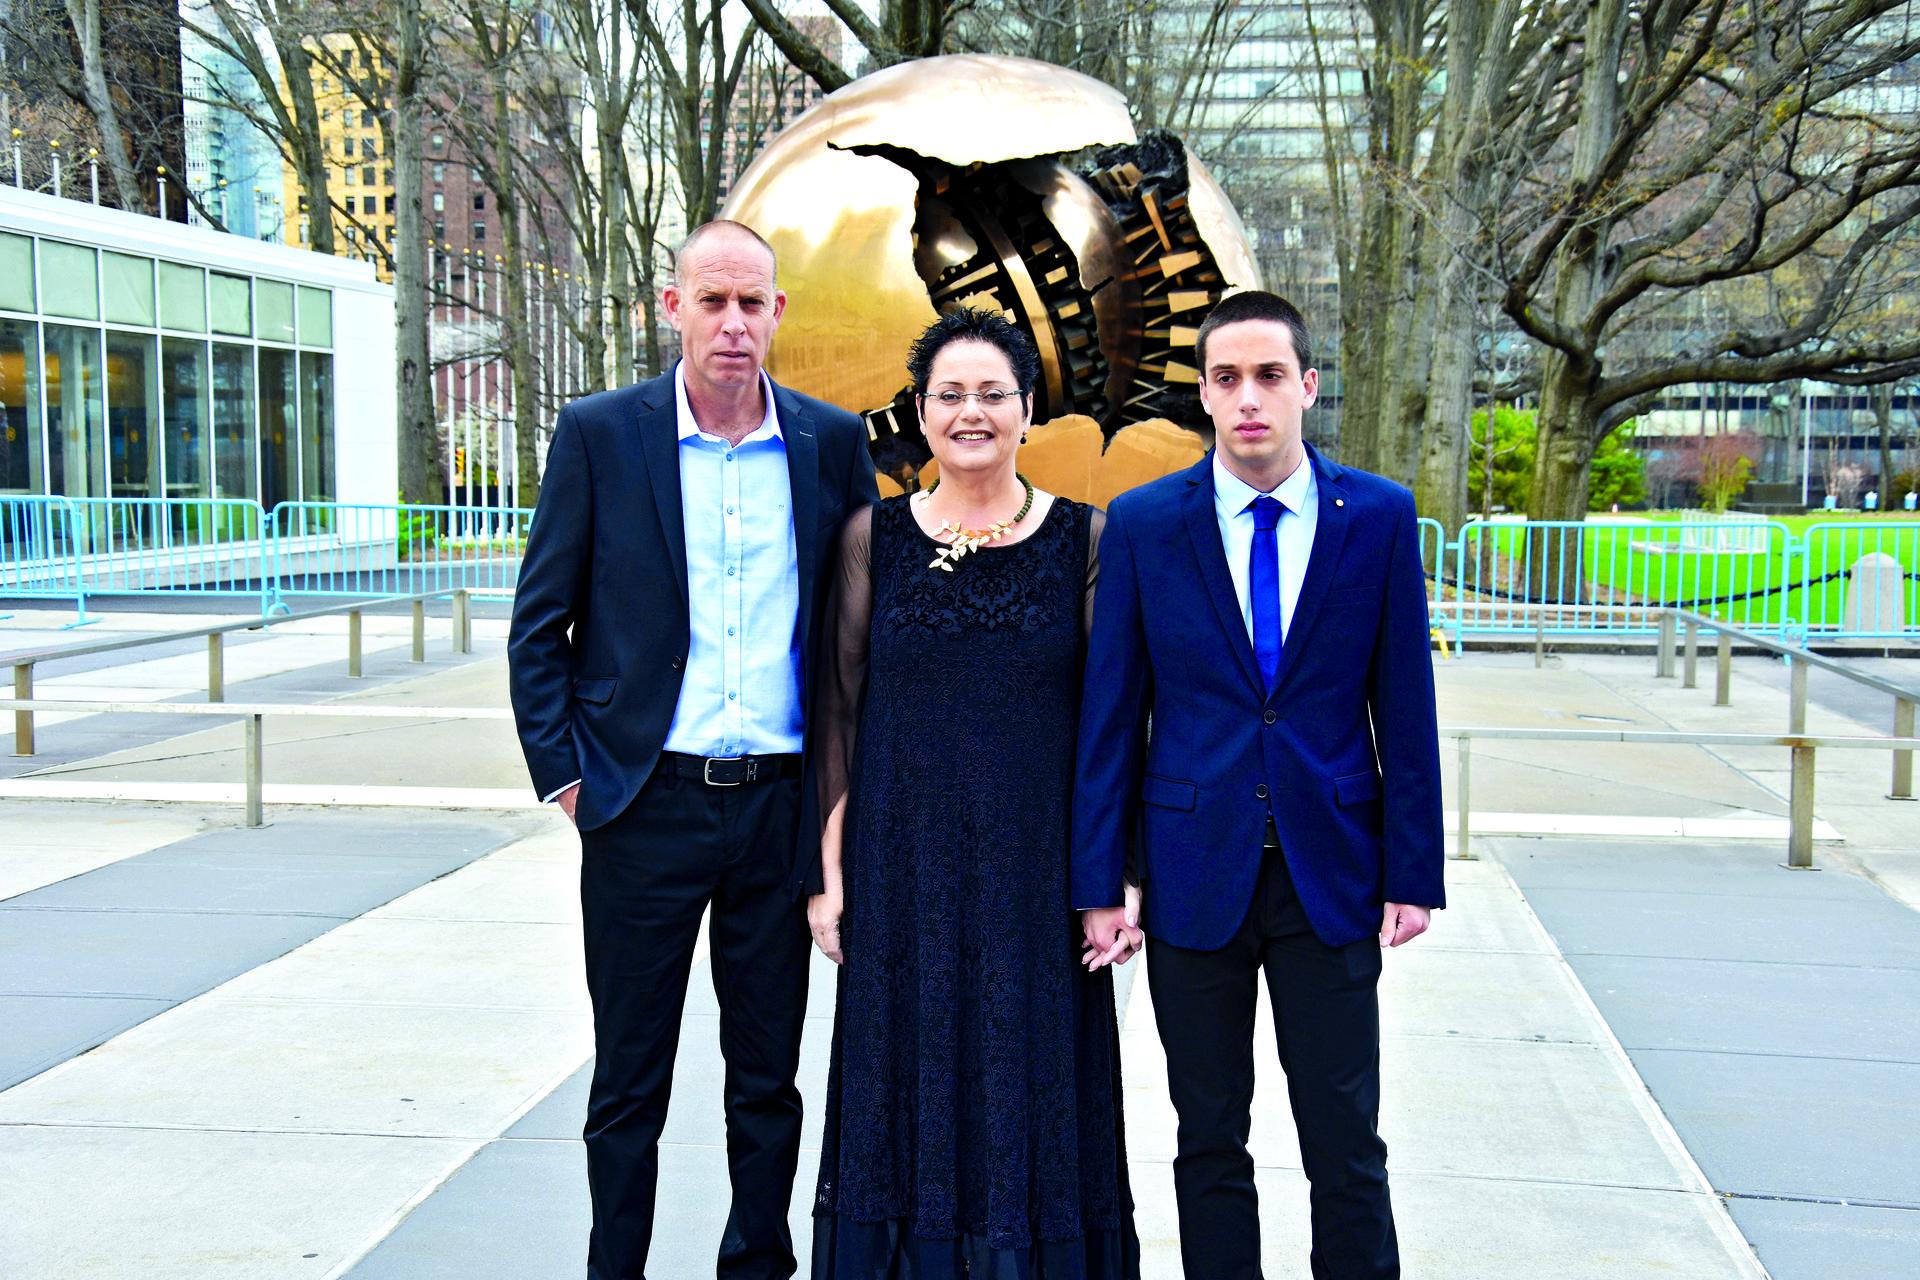 אפק עם אמו בניו יורק, בתערוכה האחרונה | צילום: נגה אפק